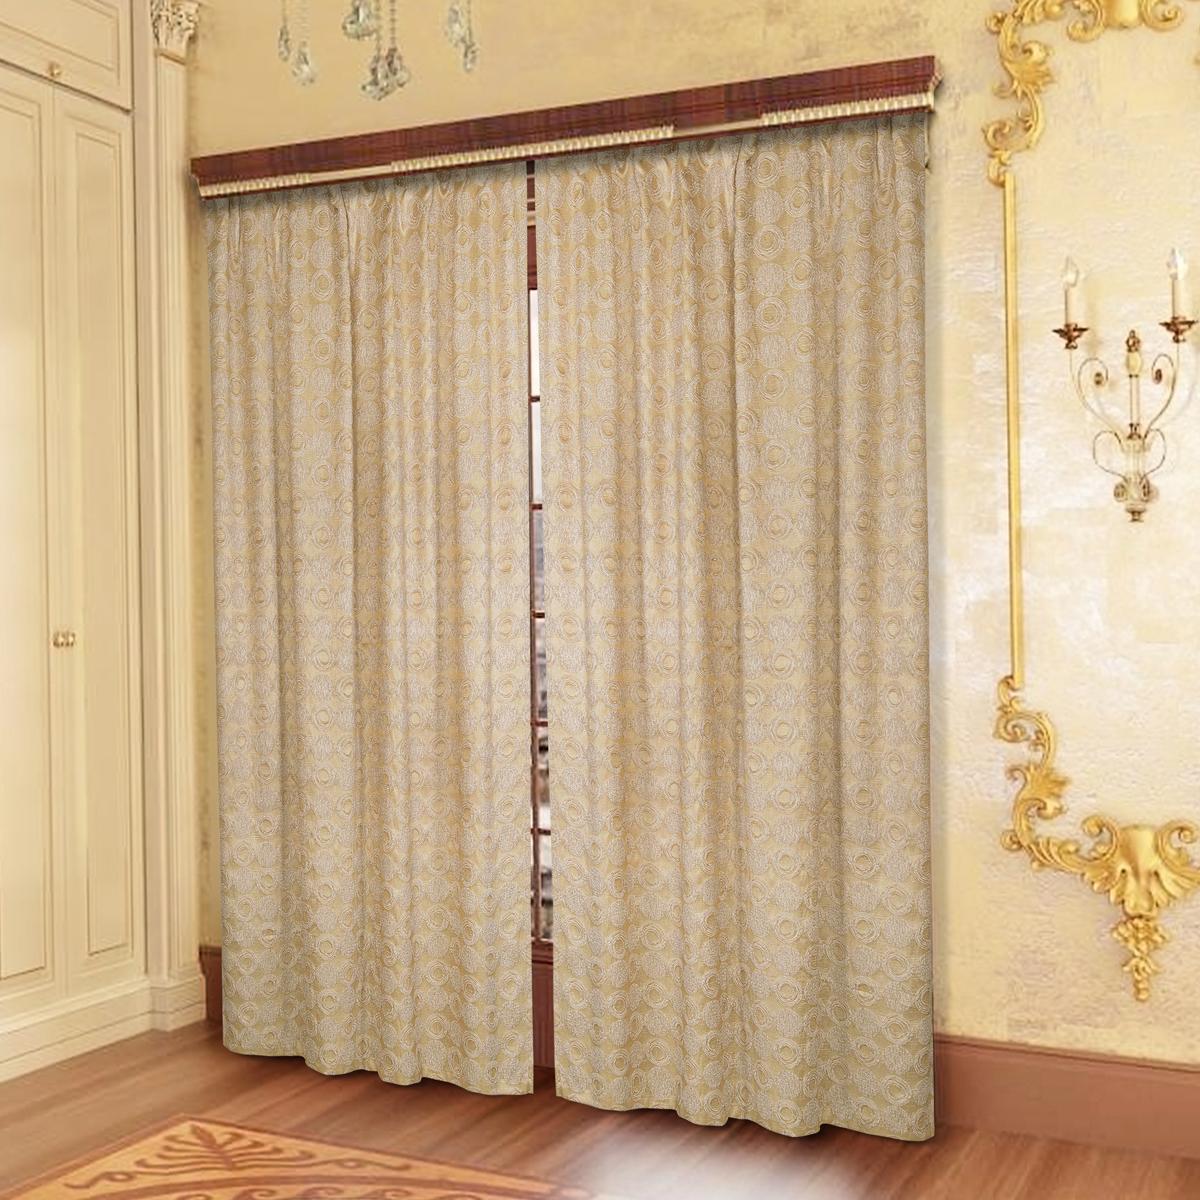 Комплект штор Zlata Korunka, на ленте, цвет: бежевый, высота 250 см. 777142 комплект штор для кухни zlata korunka на ленте цвет белый коричневый высота 170 см 333311